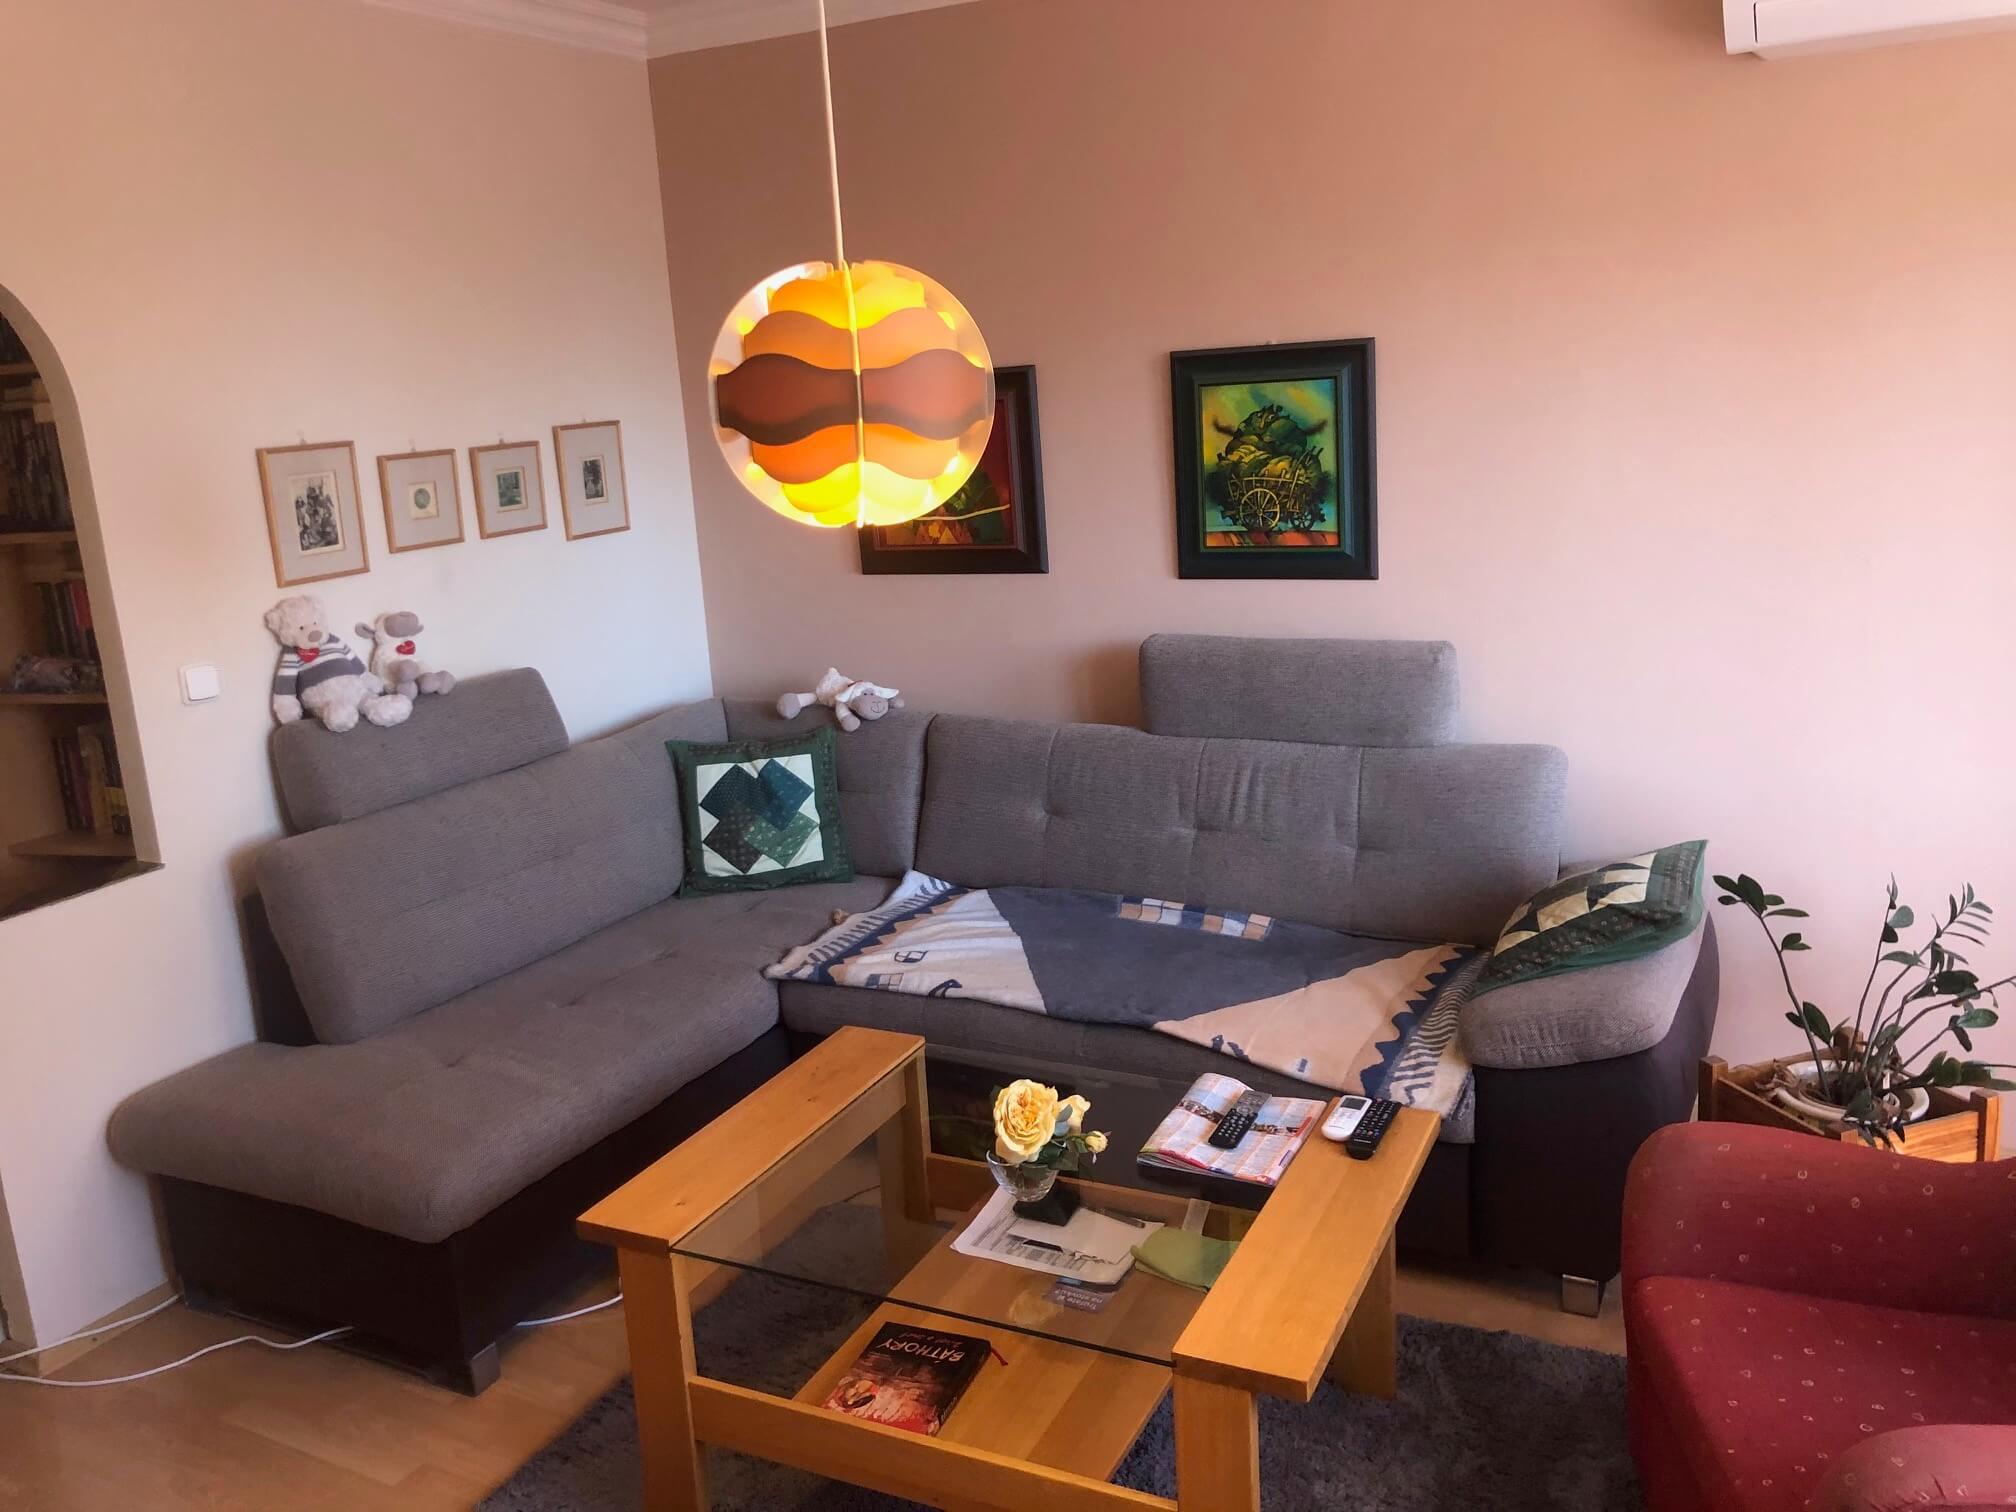 Exkluzívne na predaj 3 izbový byt, Devínska Nová Ves, Jána Poničana 3, 65m2, balkon 4m2,klimatizácia-4